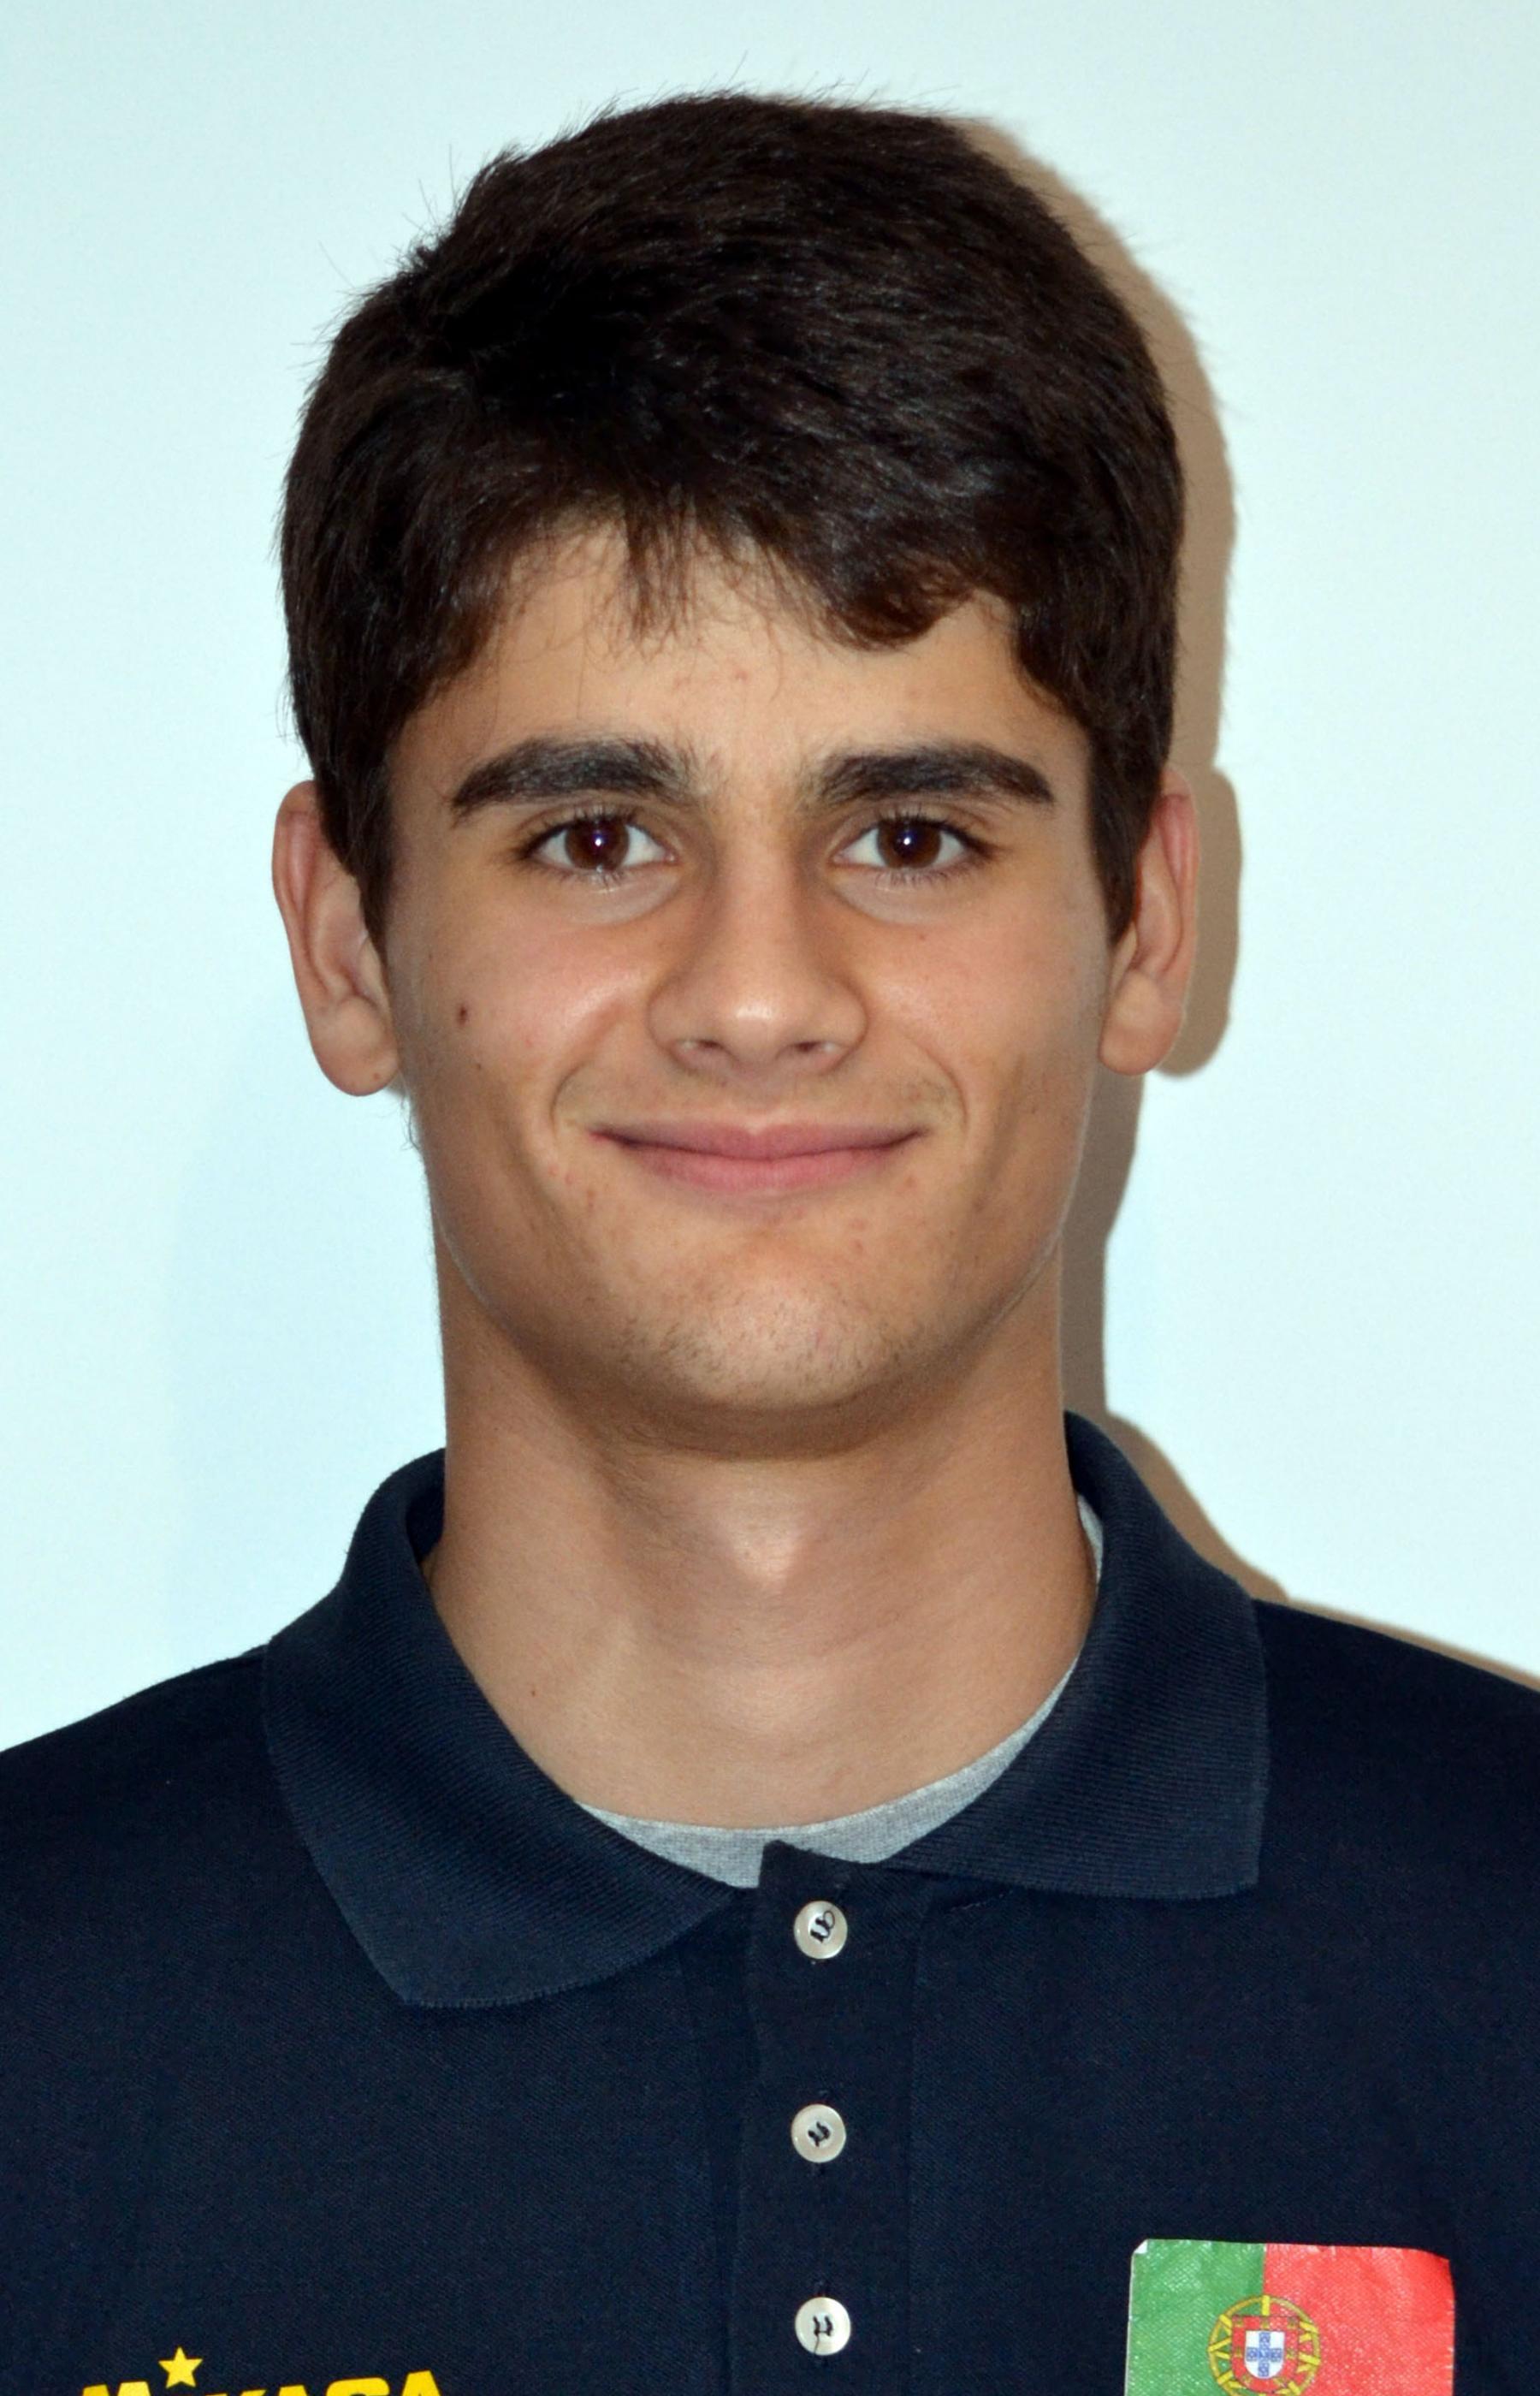 Afonso Guerreiro